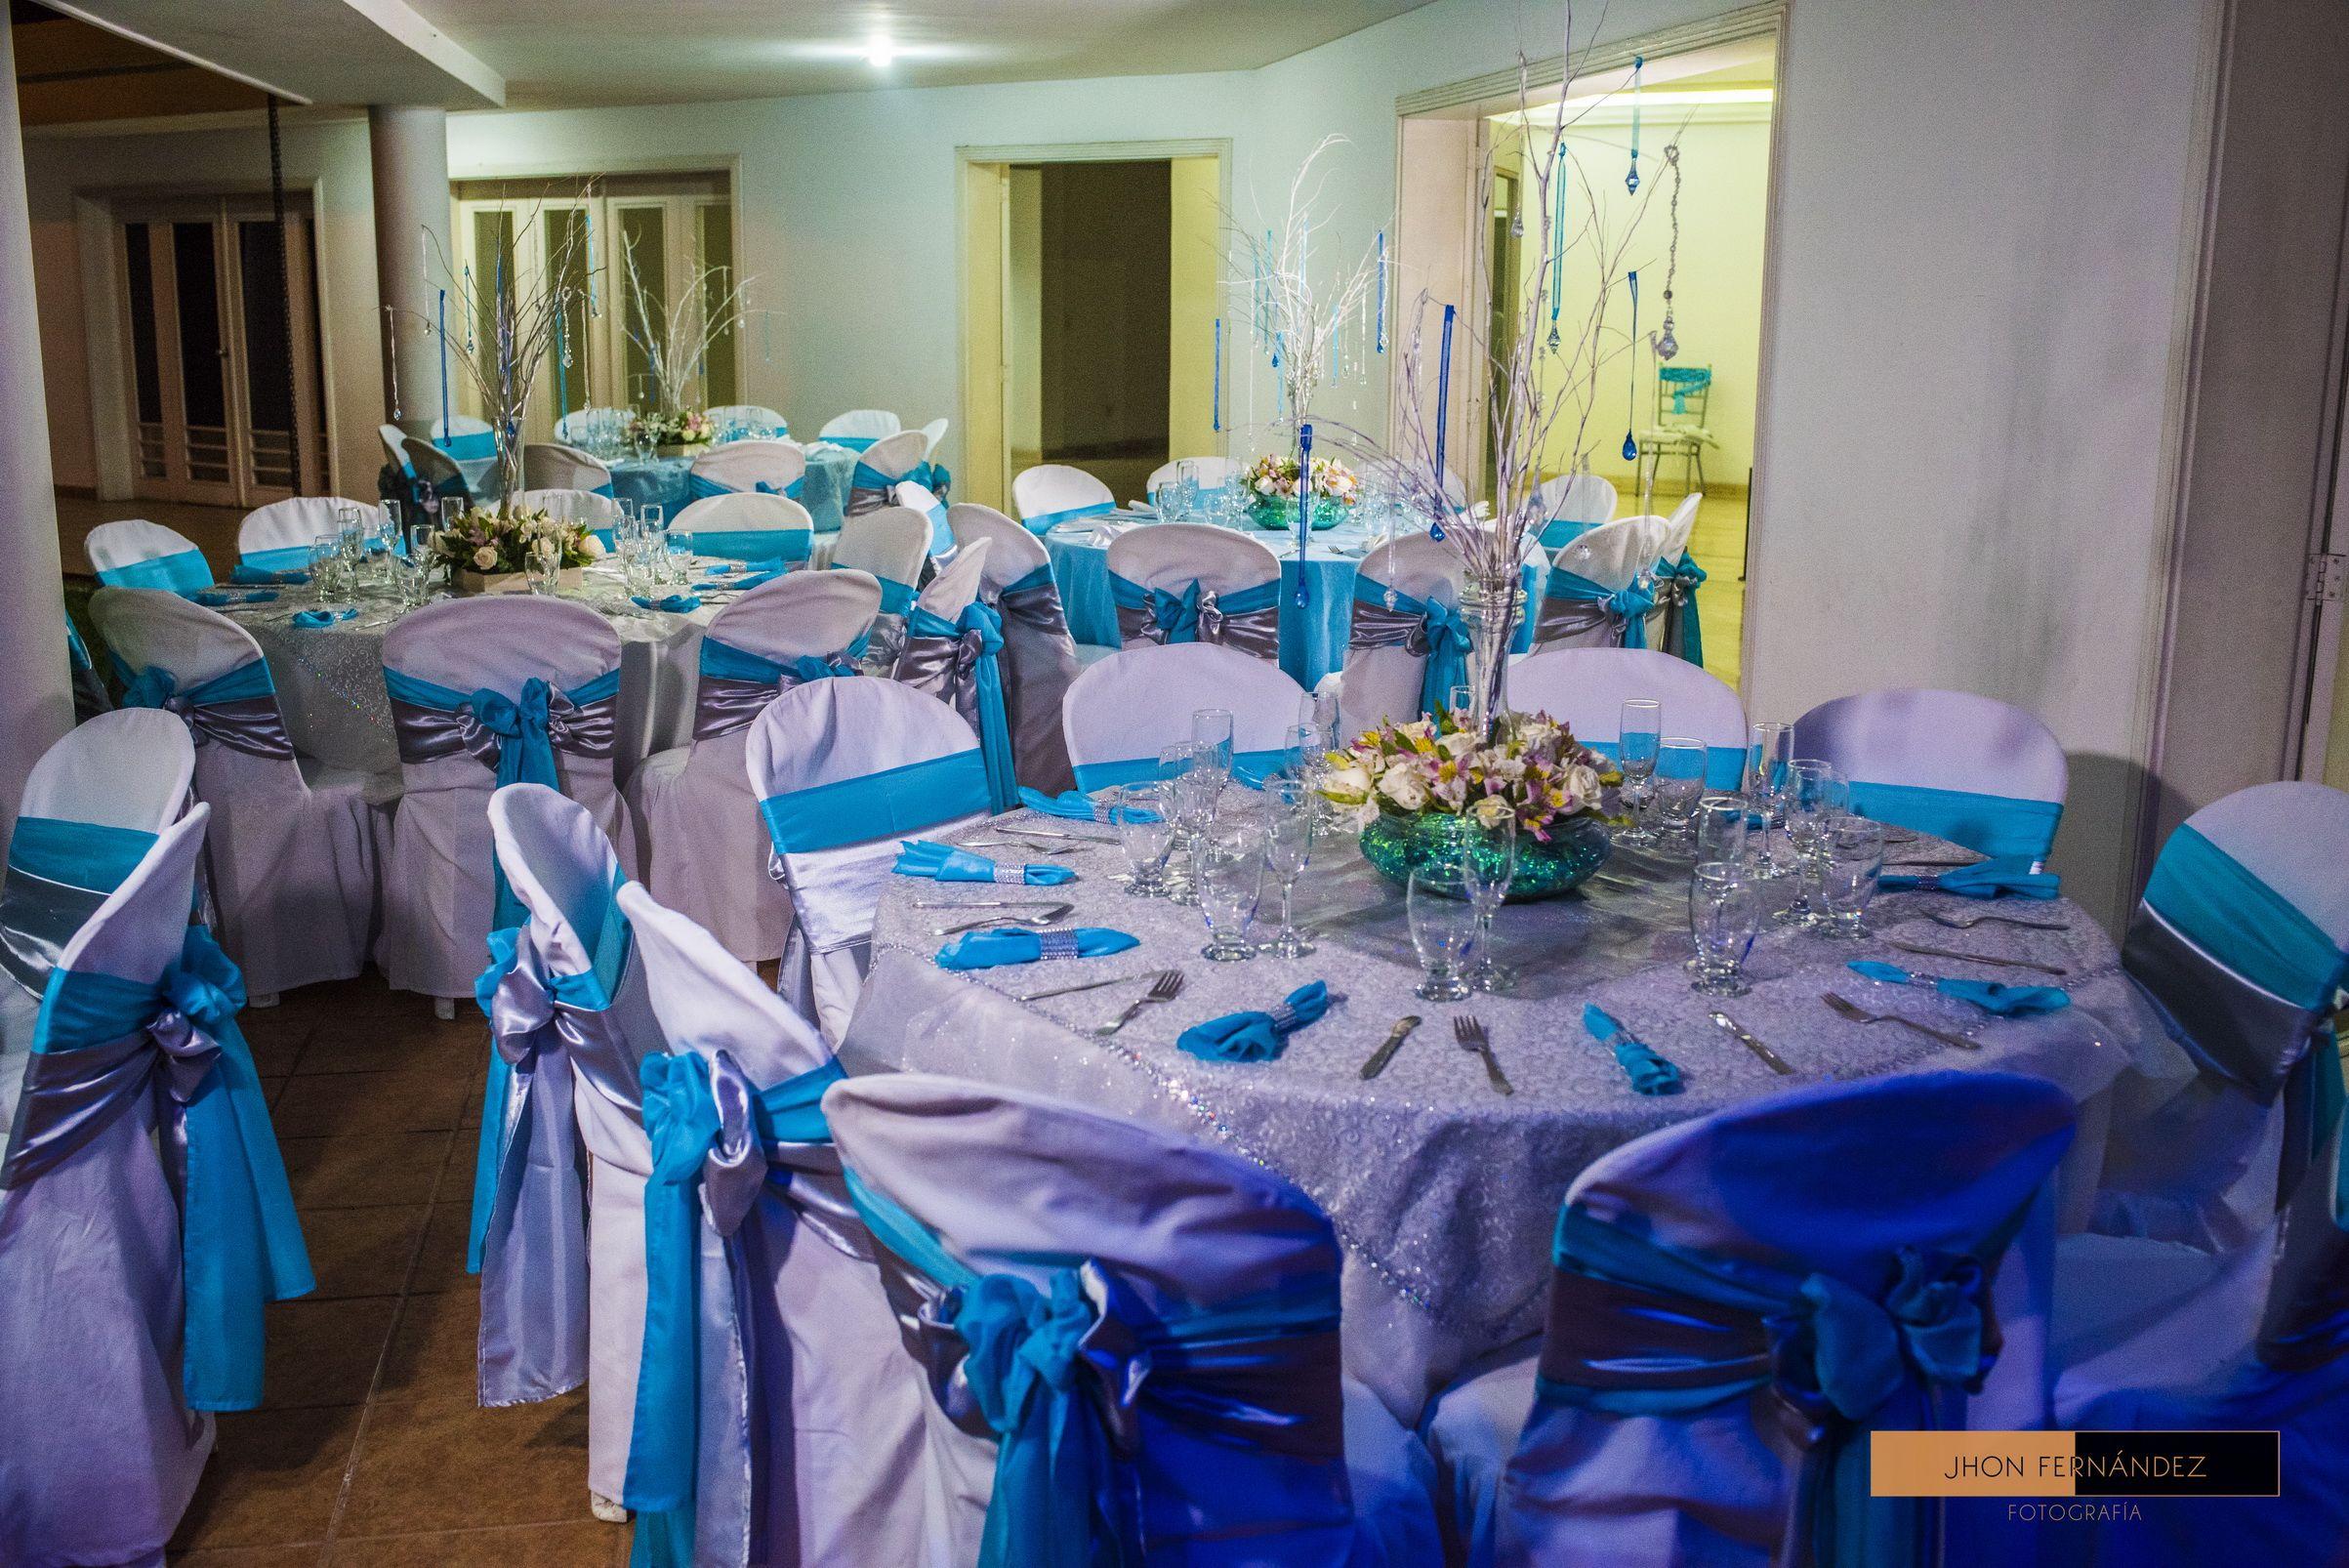 Una Fiesta Deslumbrante Decorada Con Los Más Hermosos Cristales Para Ti Más Información Sobre Eventos Matrimonios B Planeacion De Eventos Eventos Bodas